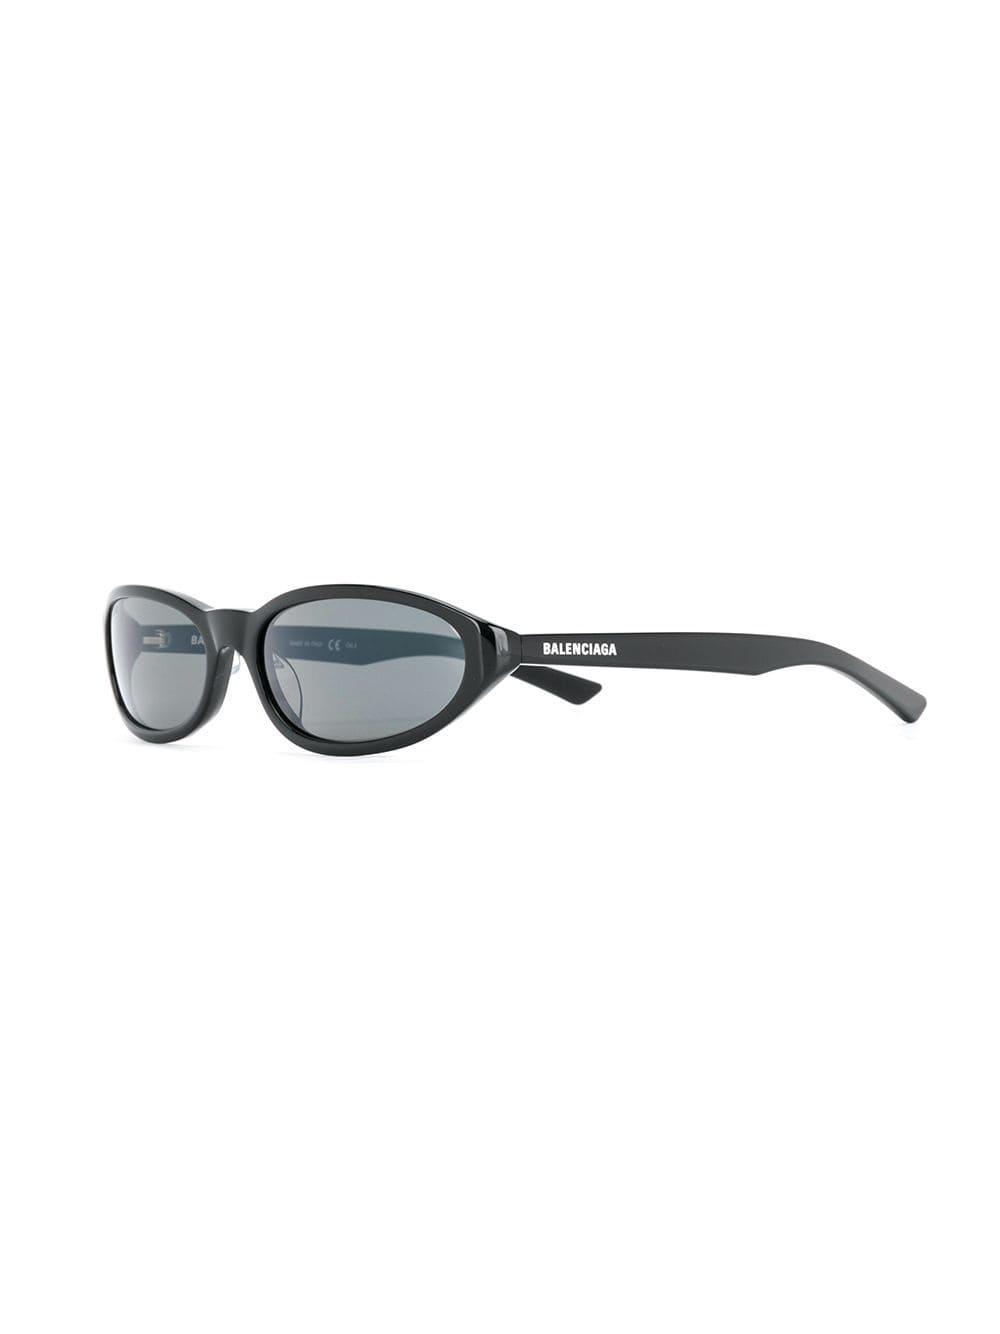 6592a1ba20 Balenciaga neo sunglasses in black for men lyst jpg 1000x1334 Neo sunglasses